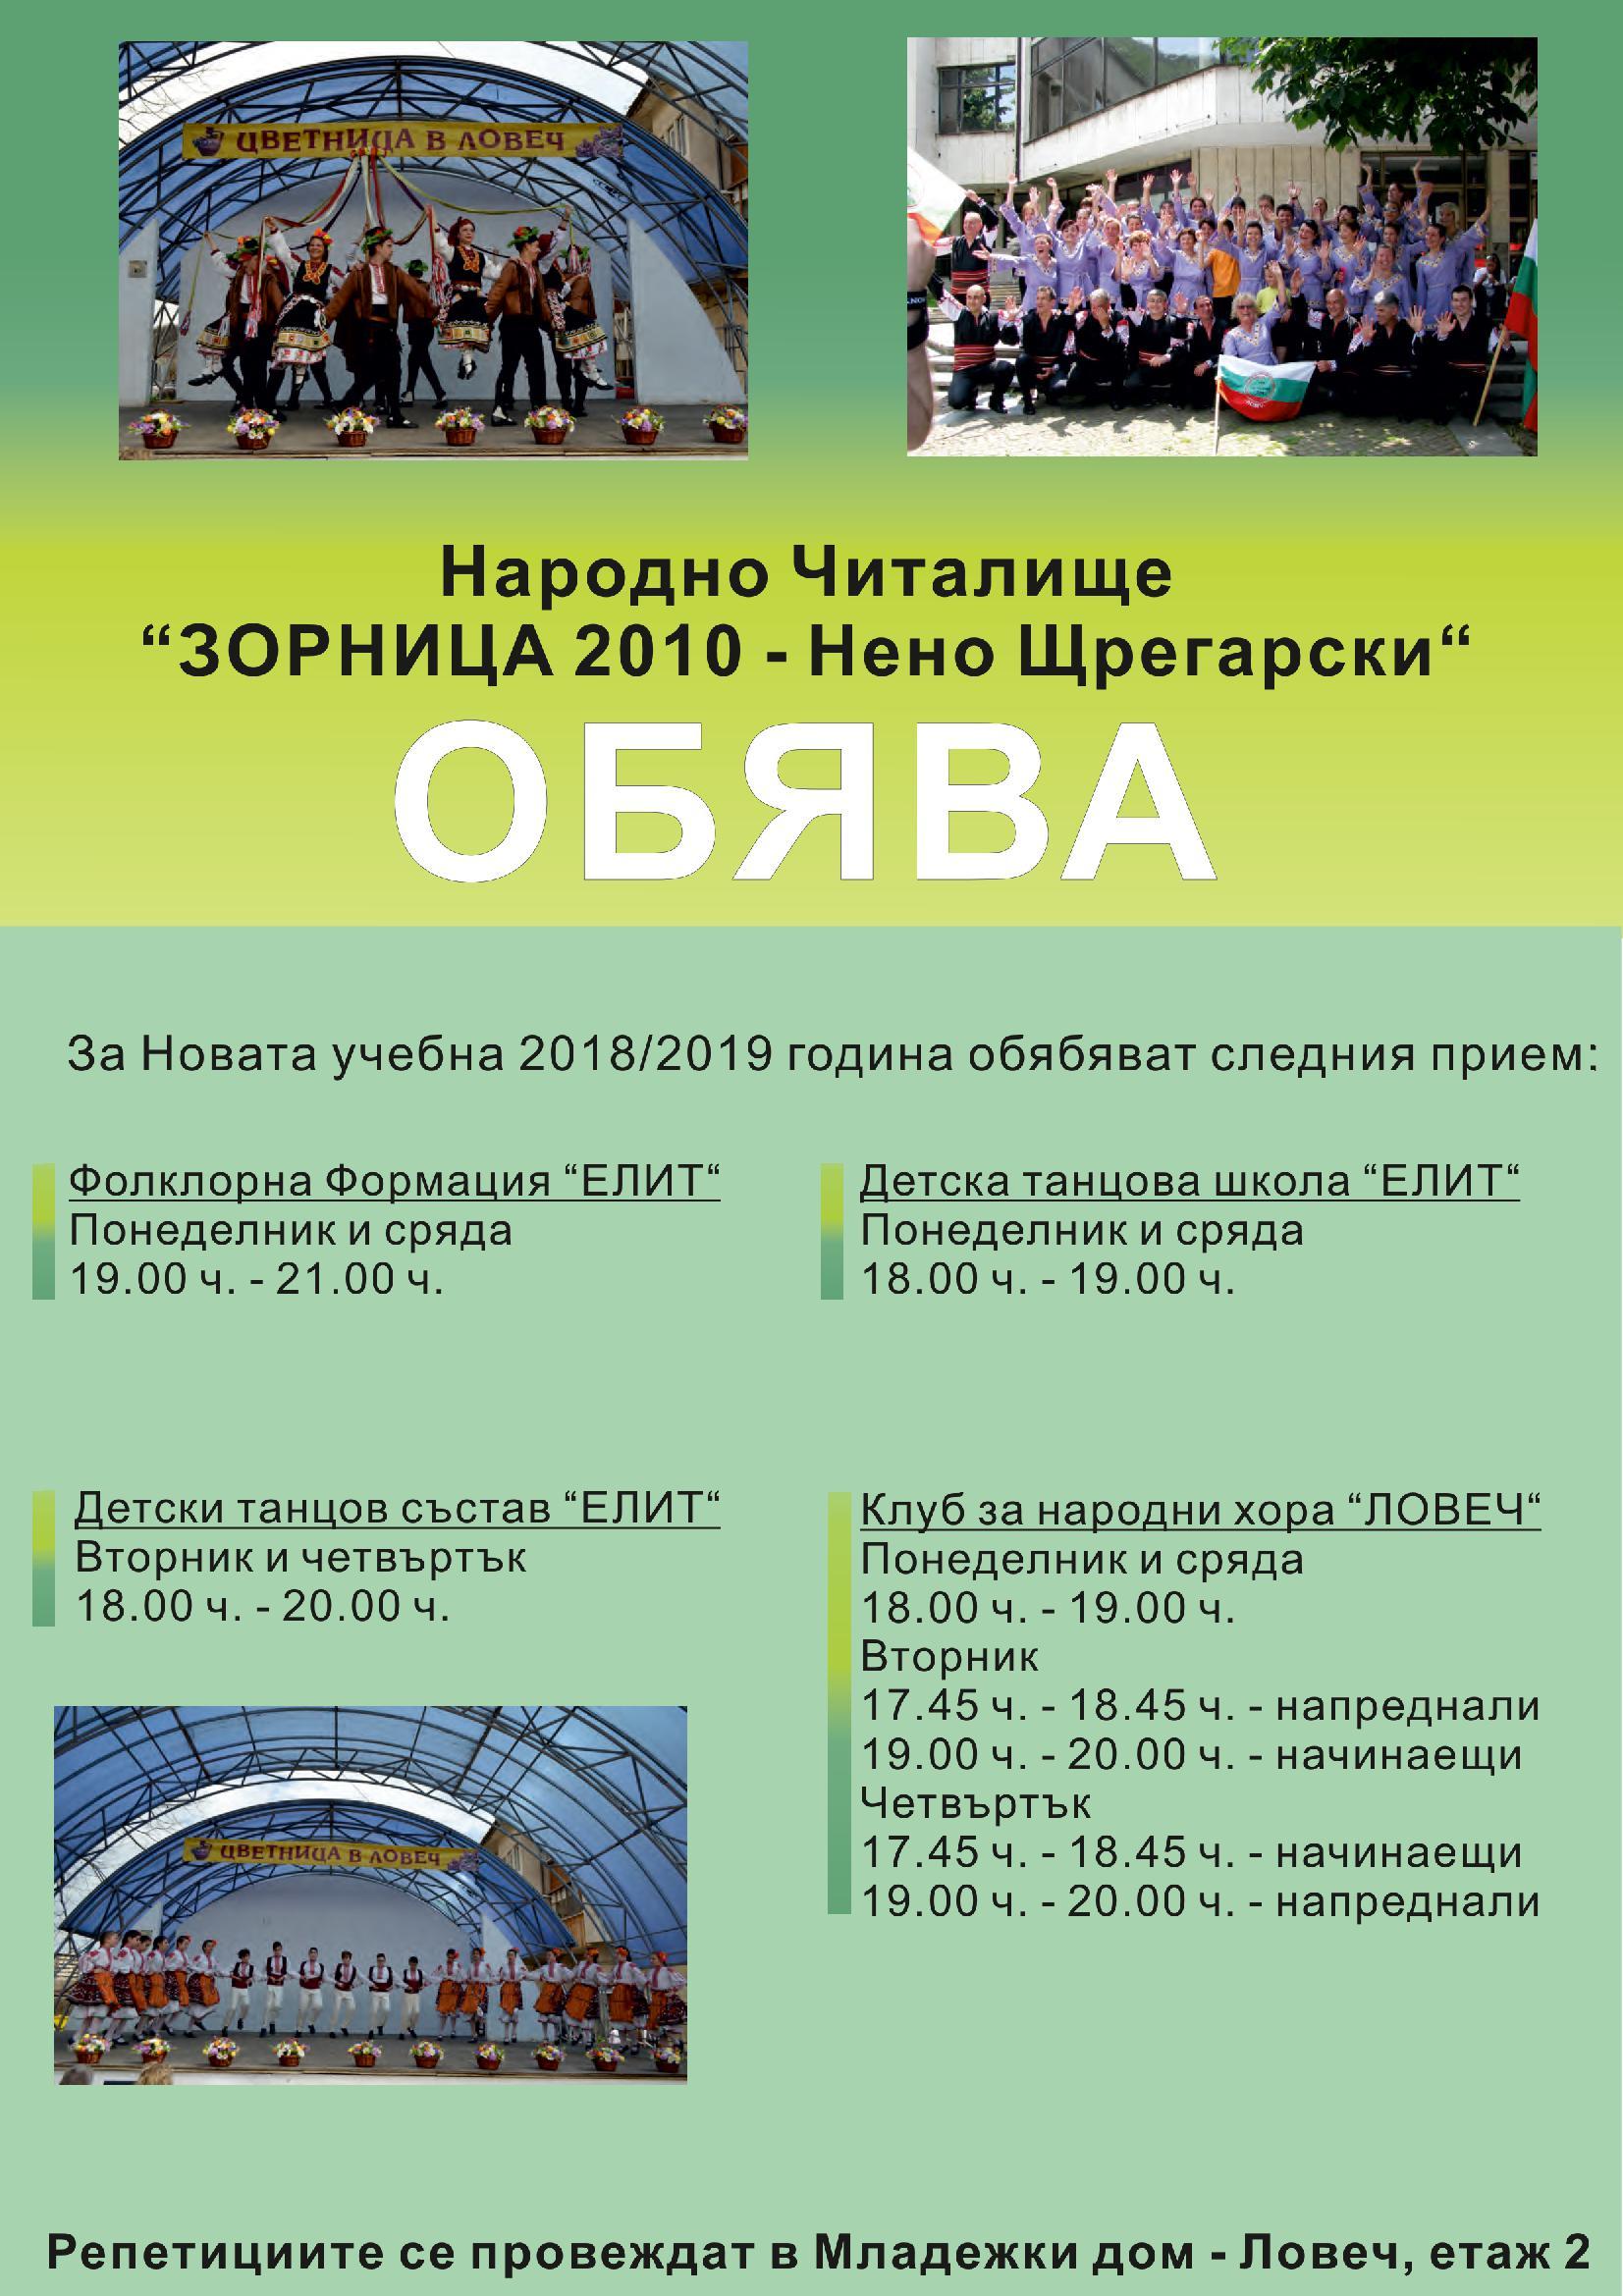 Обява 2018-2019